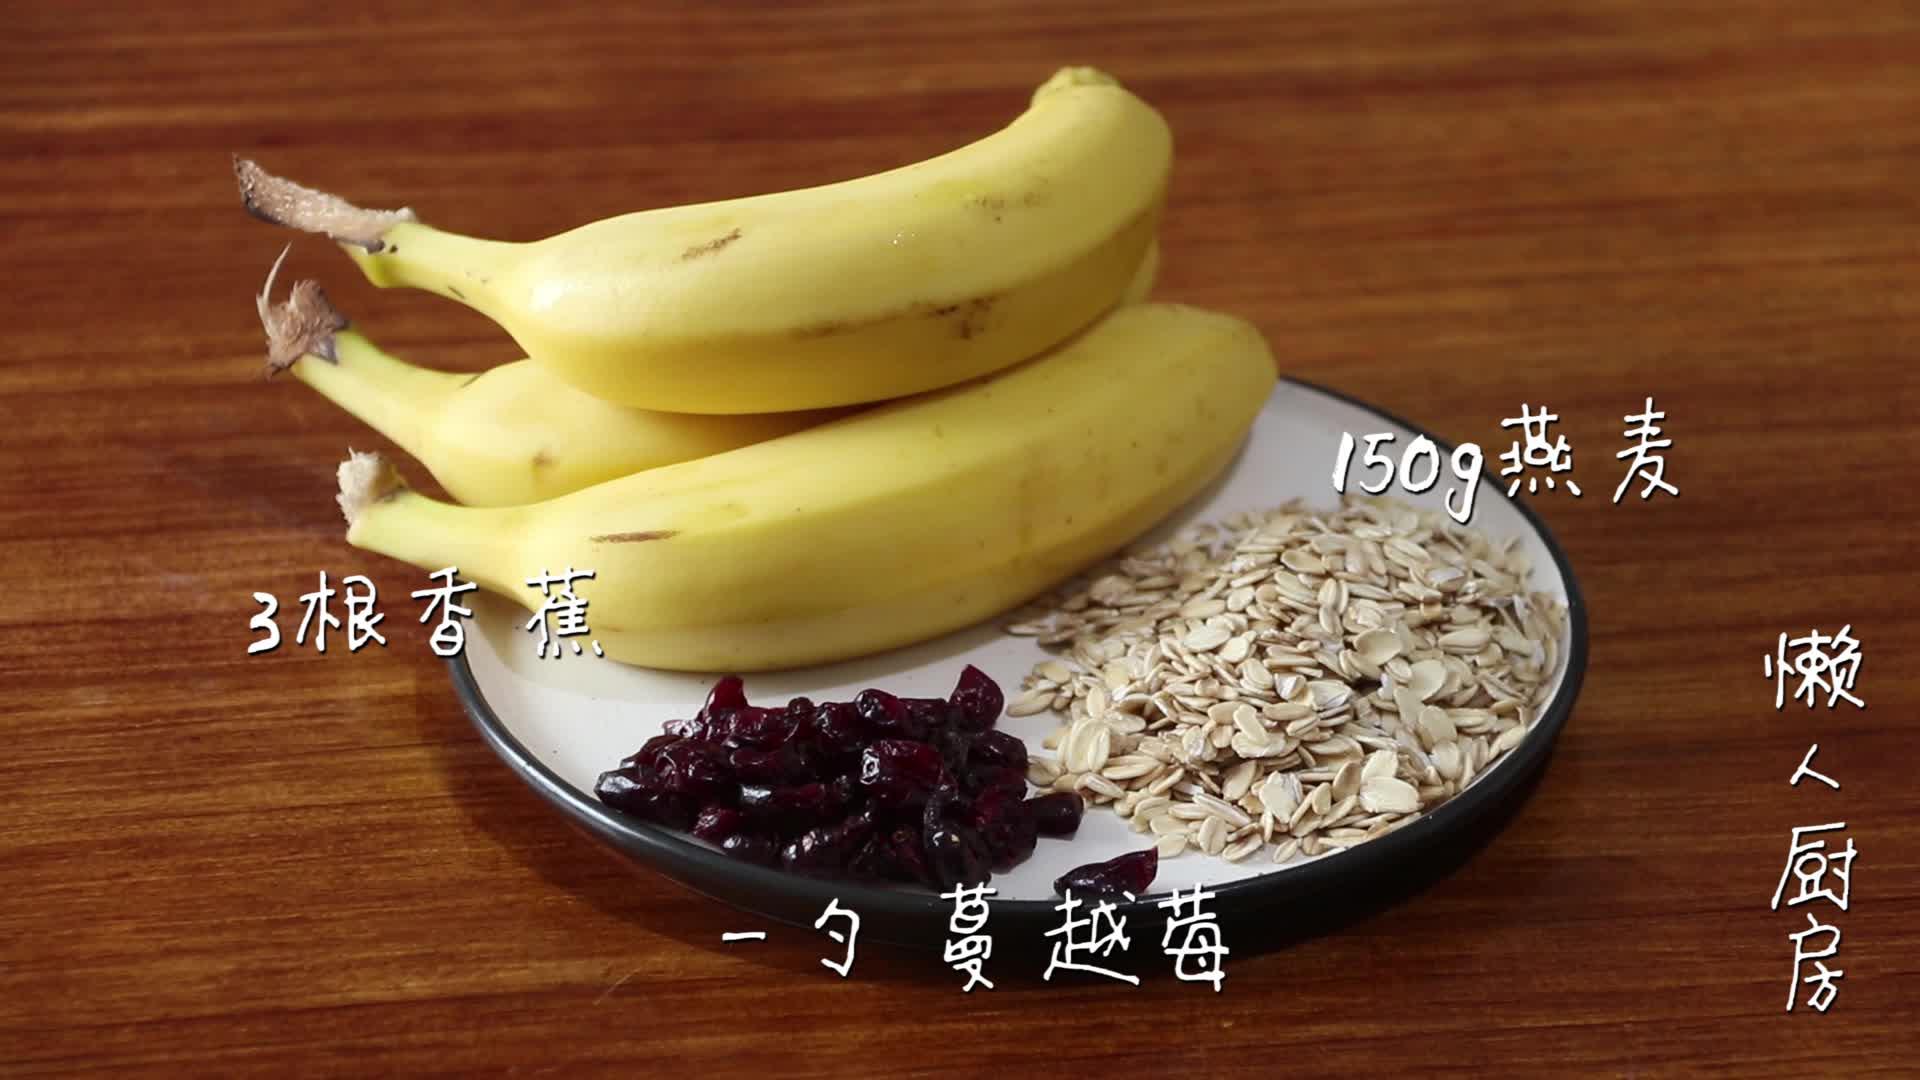 3根香蕉,一把燕麦,一小勺蔓越莓,教你做好吃又营养的香蕉饼